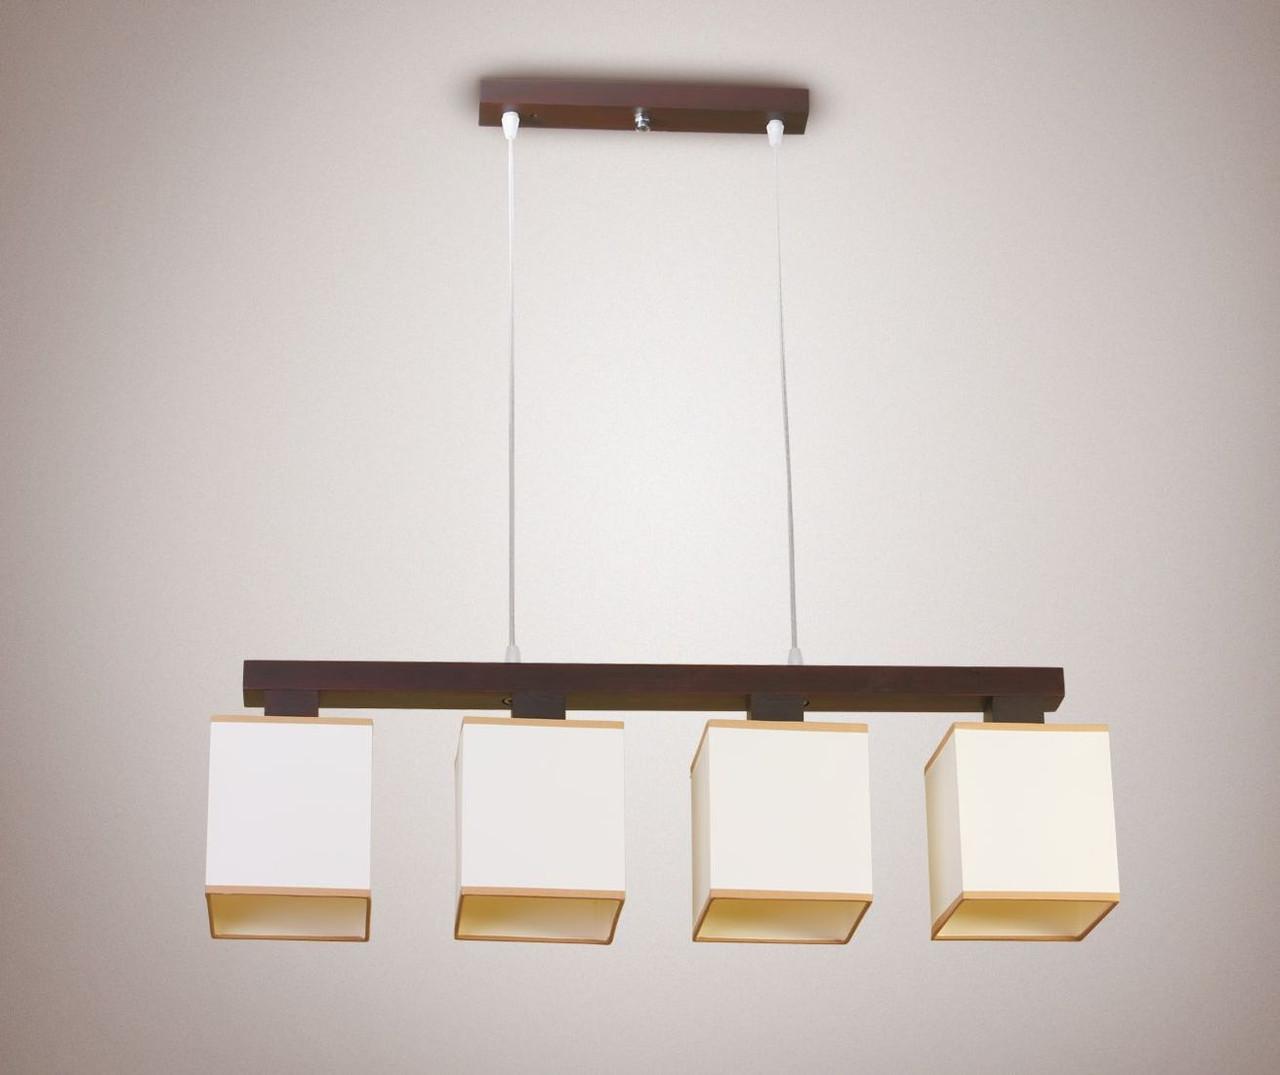 Люстра 4-х лампова, дерев'яна підстава, з абажурами для високих стель 18004